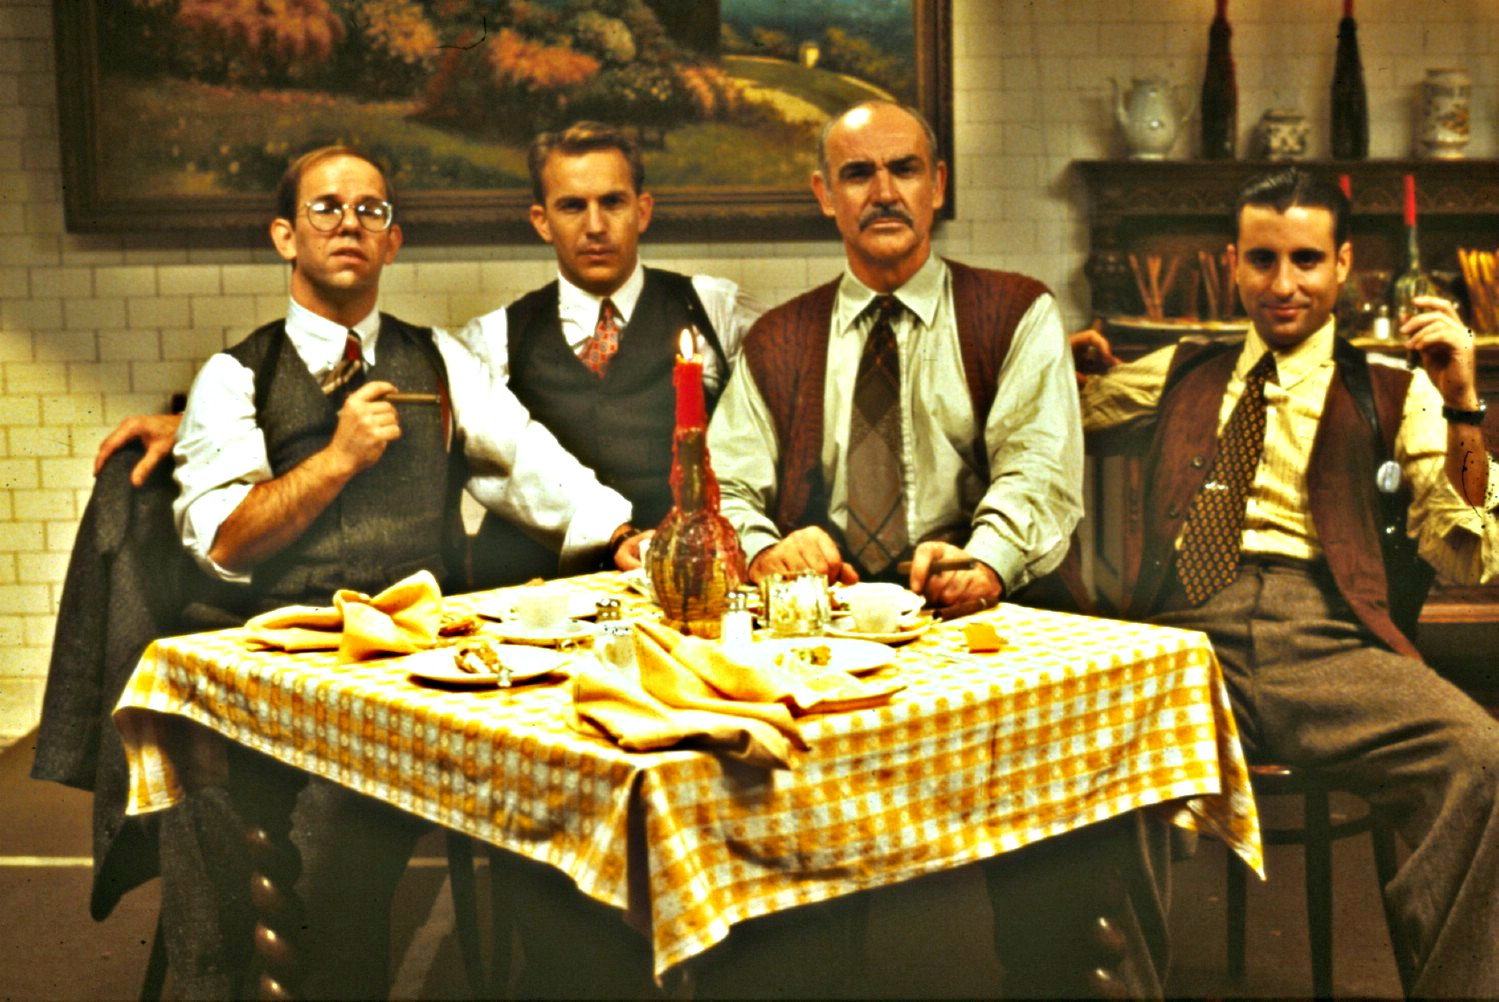 หนังเก่าเล่าใหม่ 103: The Untouchables (Brian De Palma, 1987) รีวิวโดย Form  Corleone - Pantip